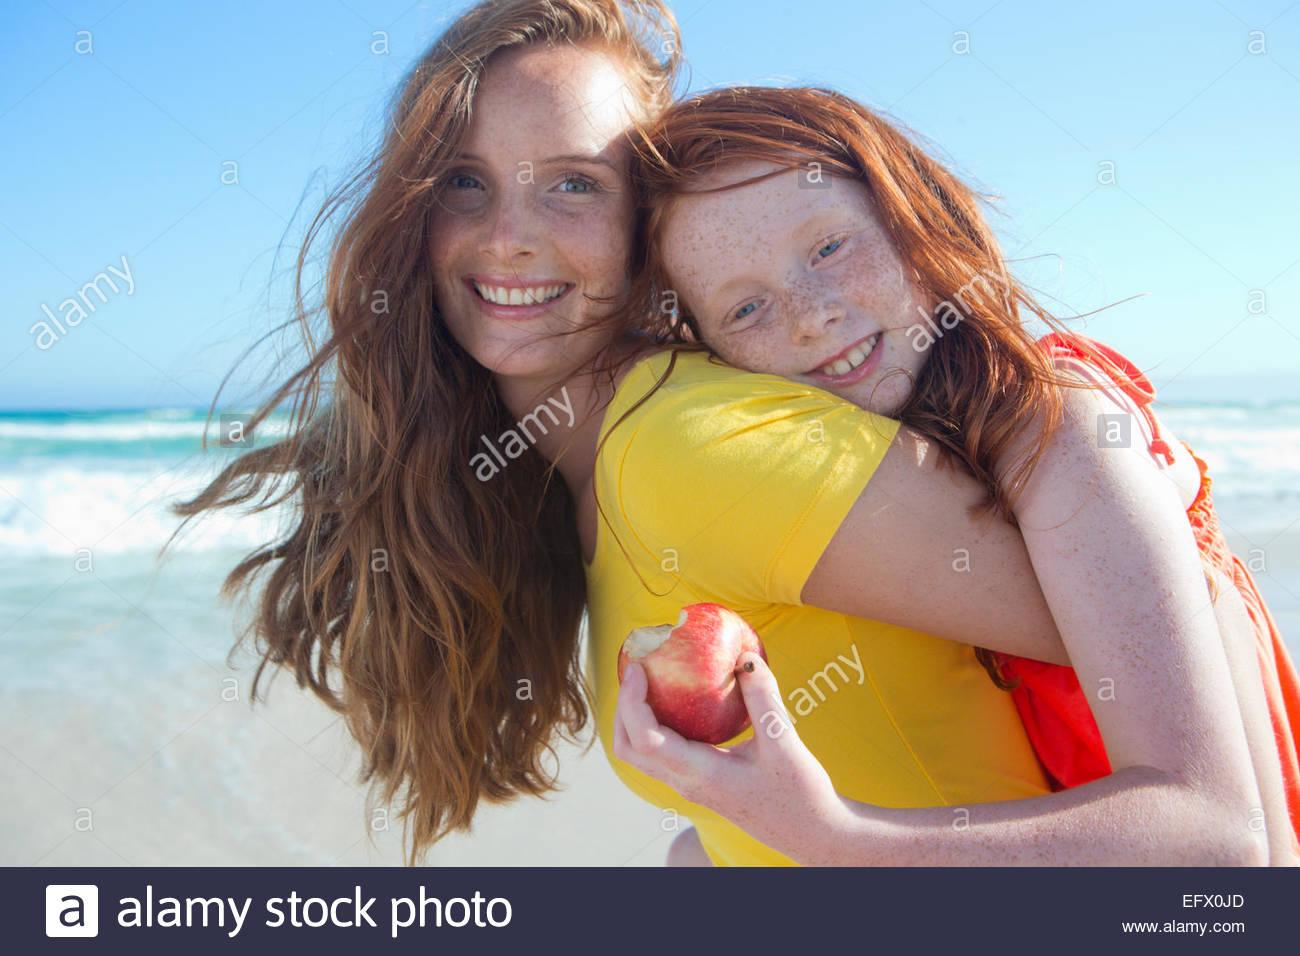 Porträt von lächelnden Mädchen Holding Apfel, umarmte Mutter am Sonnenstrand Stockbild